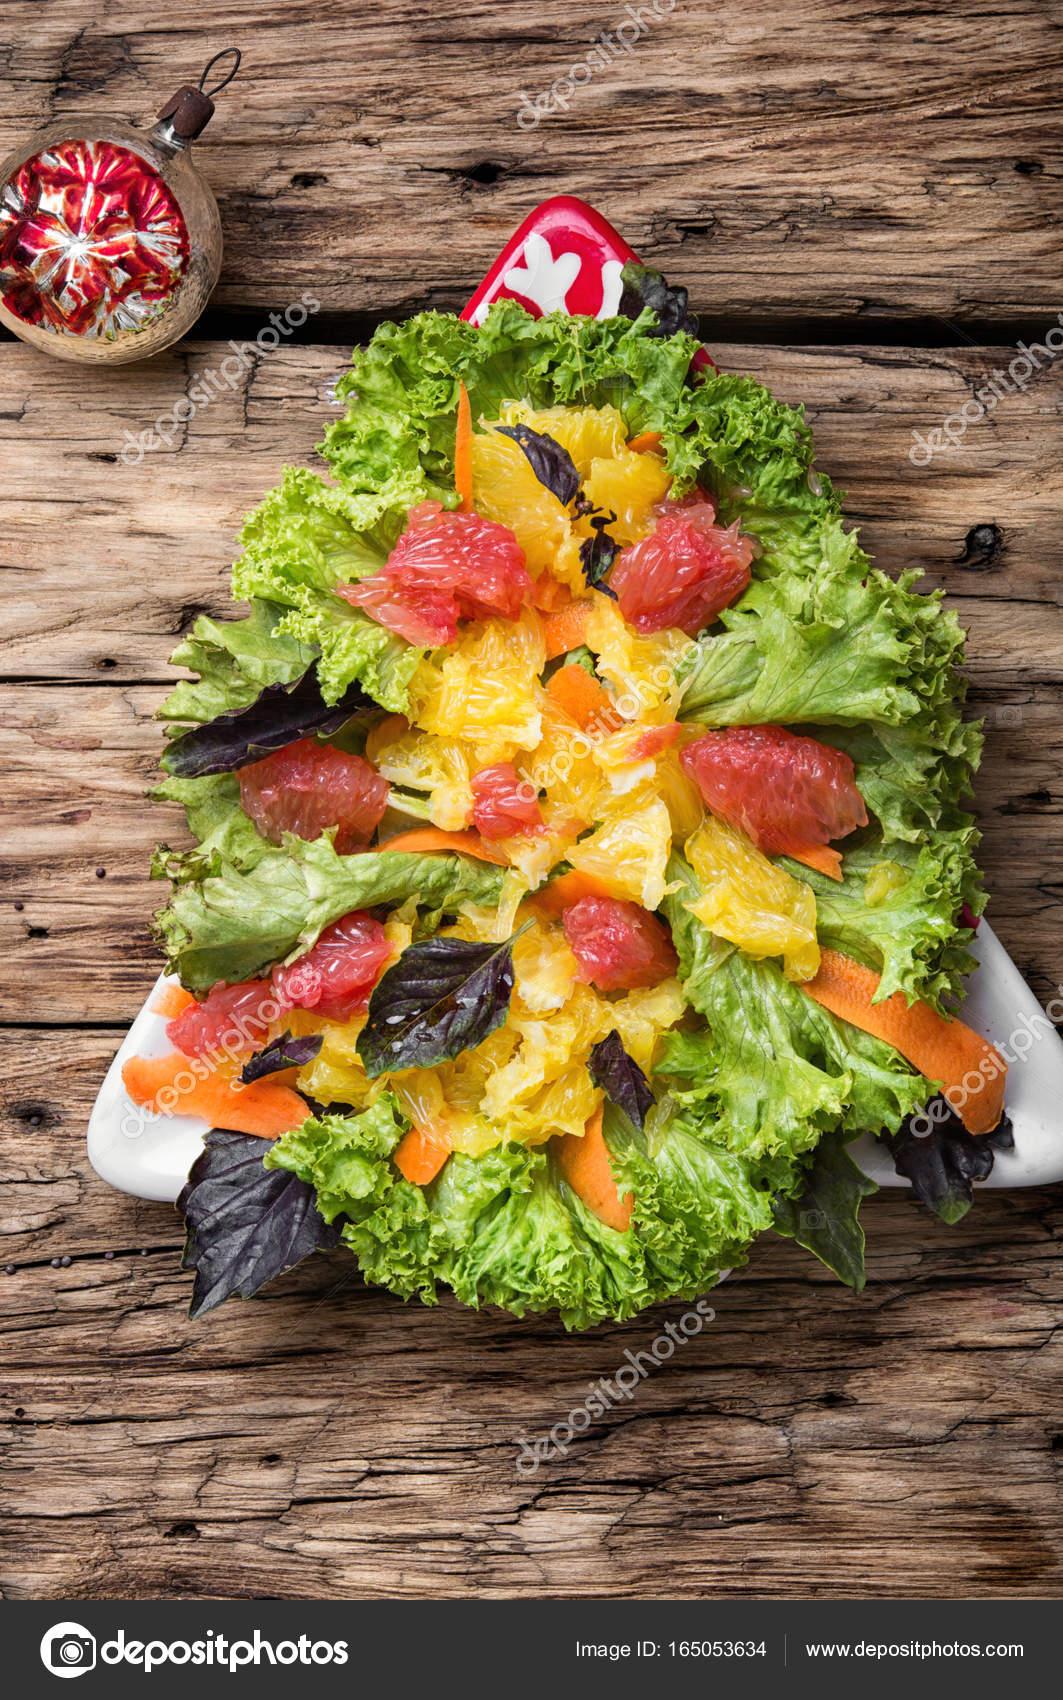 Salat Weihnachten.Weihnachten Salat Mit Zitrusfrüchten Stockfoto Nikolay Donetsk